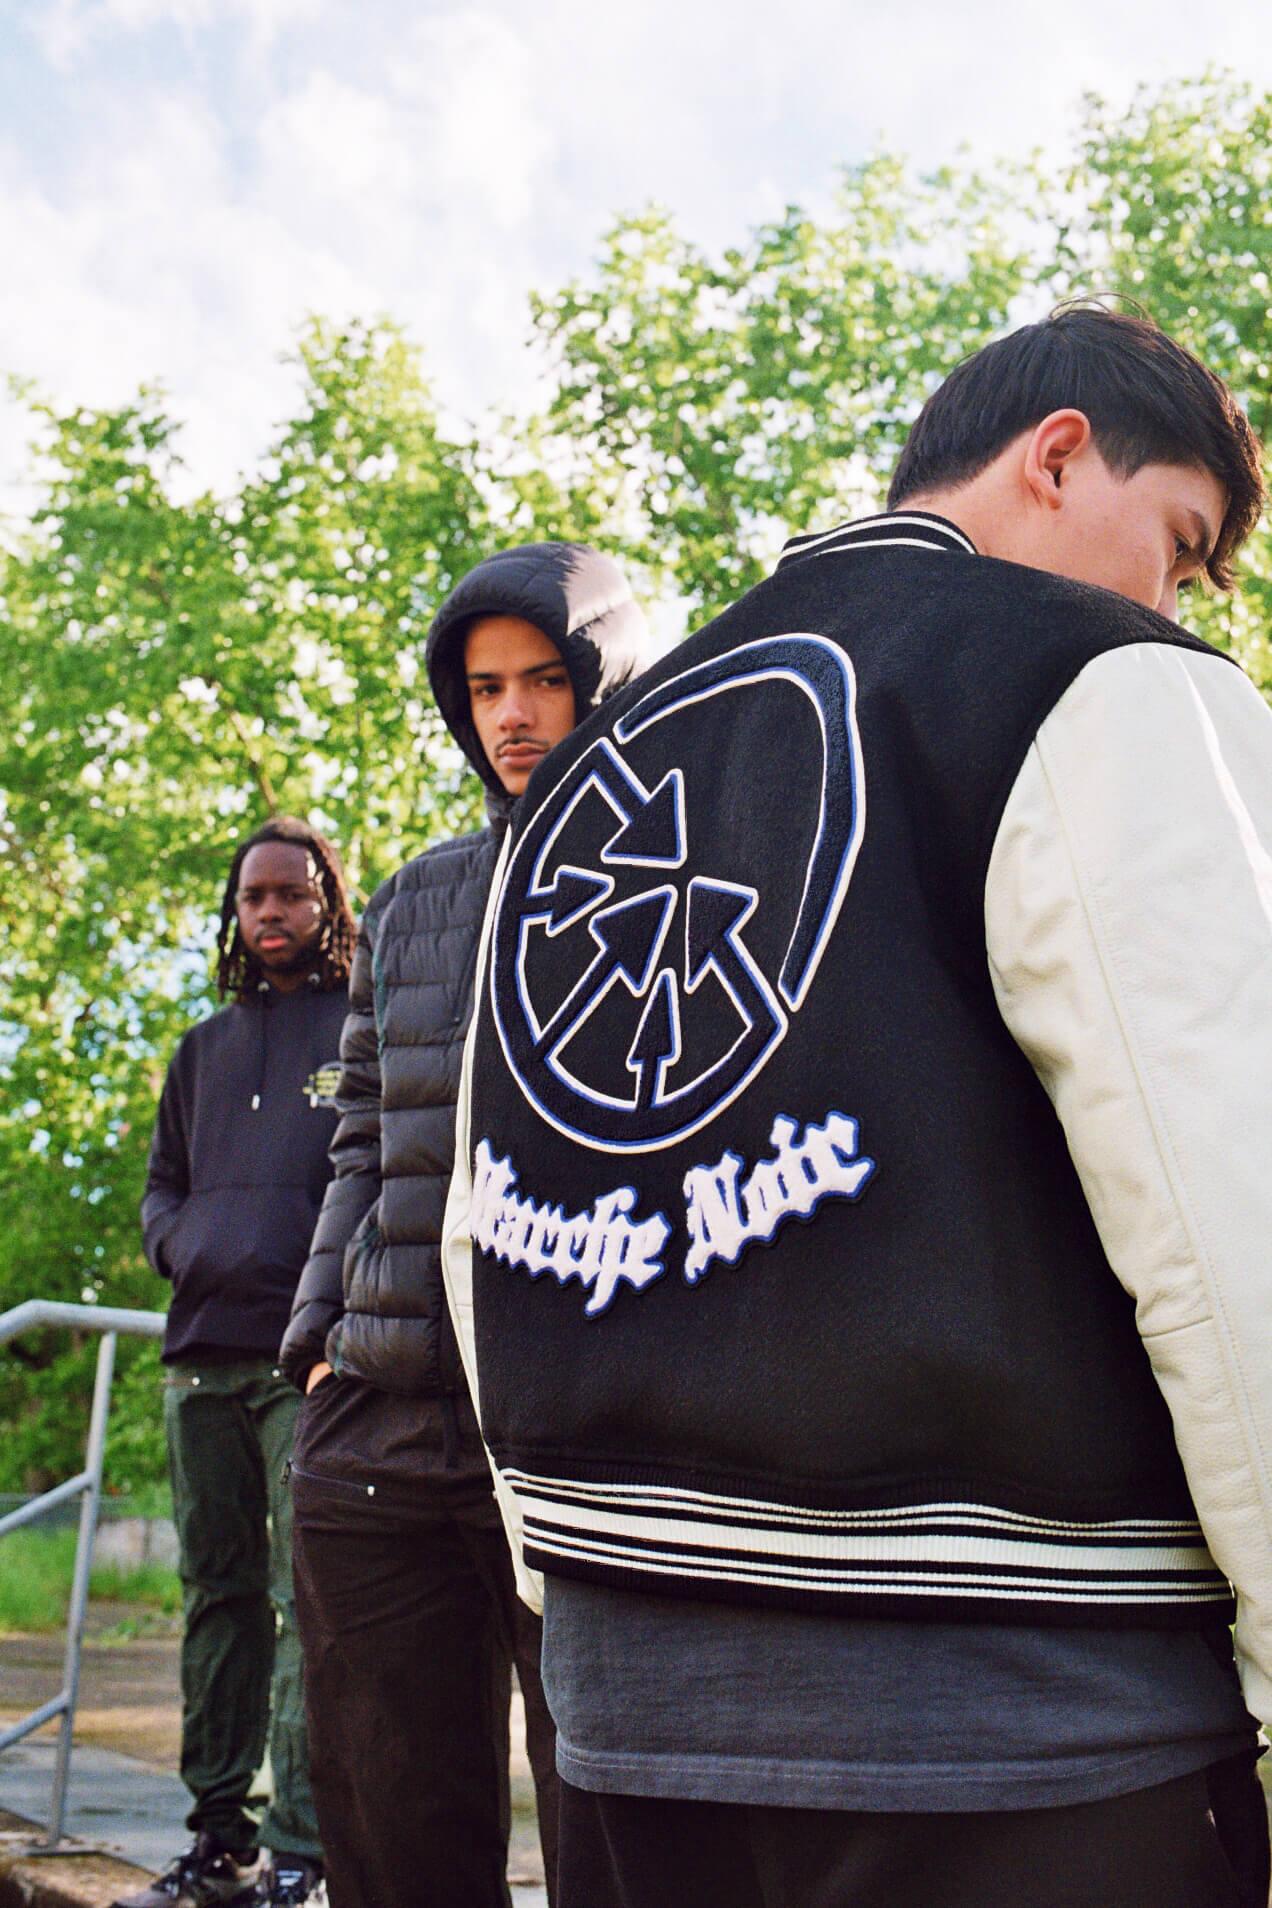 M+RC NOIR college jacket